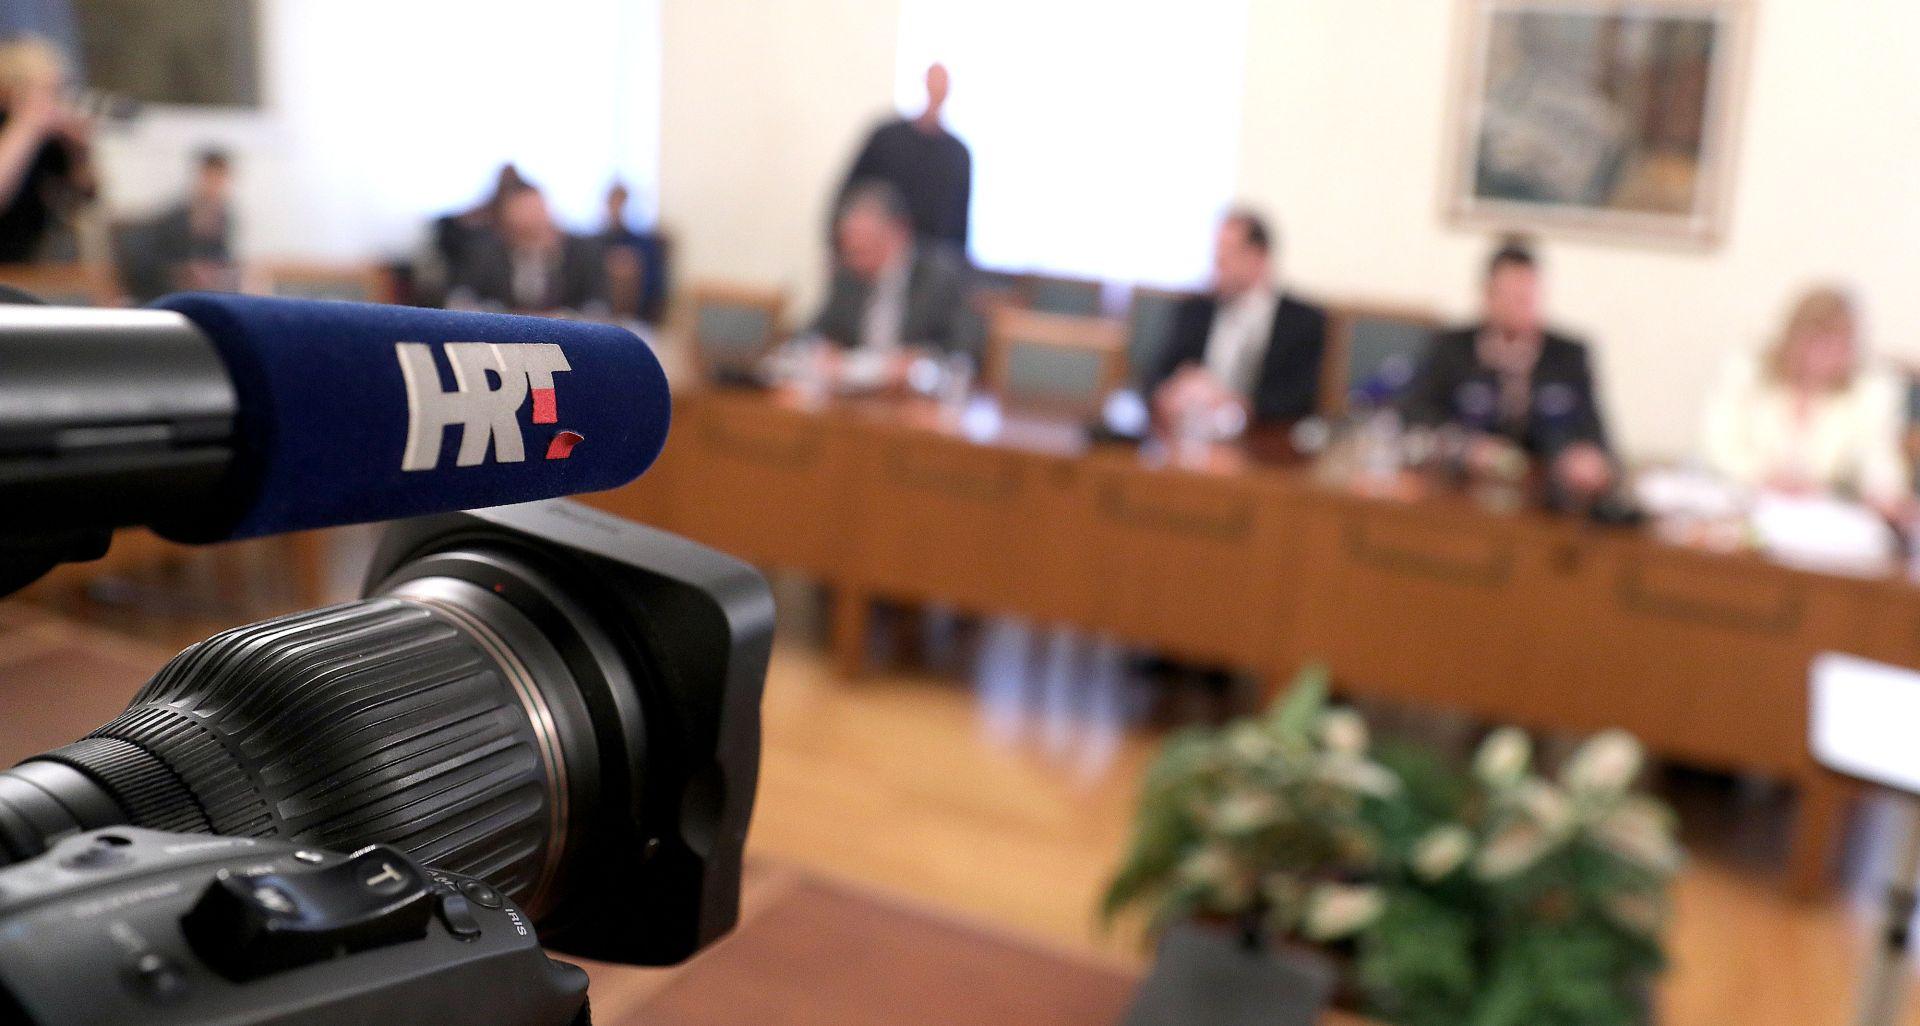 ODBOR ZA MEDIJE Bez suglasja HDZ-a i Mosta, Kazimir Bačić predložen za glavnog ravnatelja HRT-a